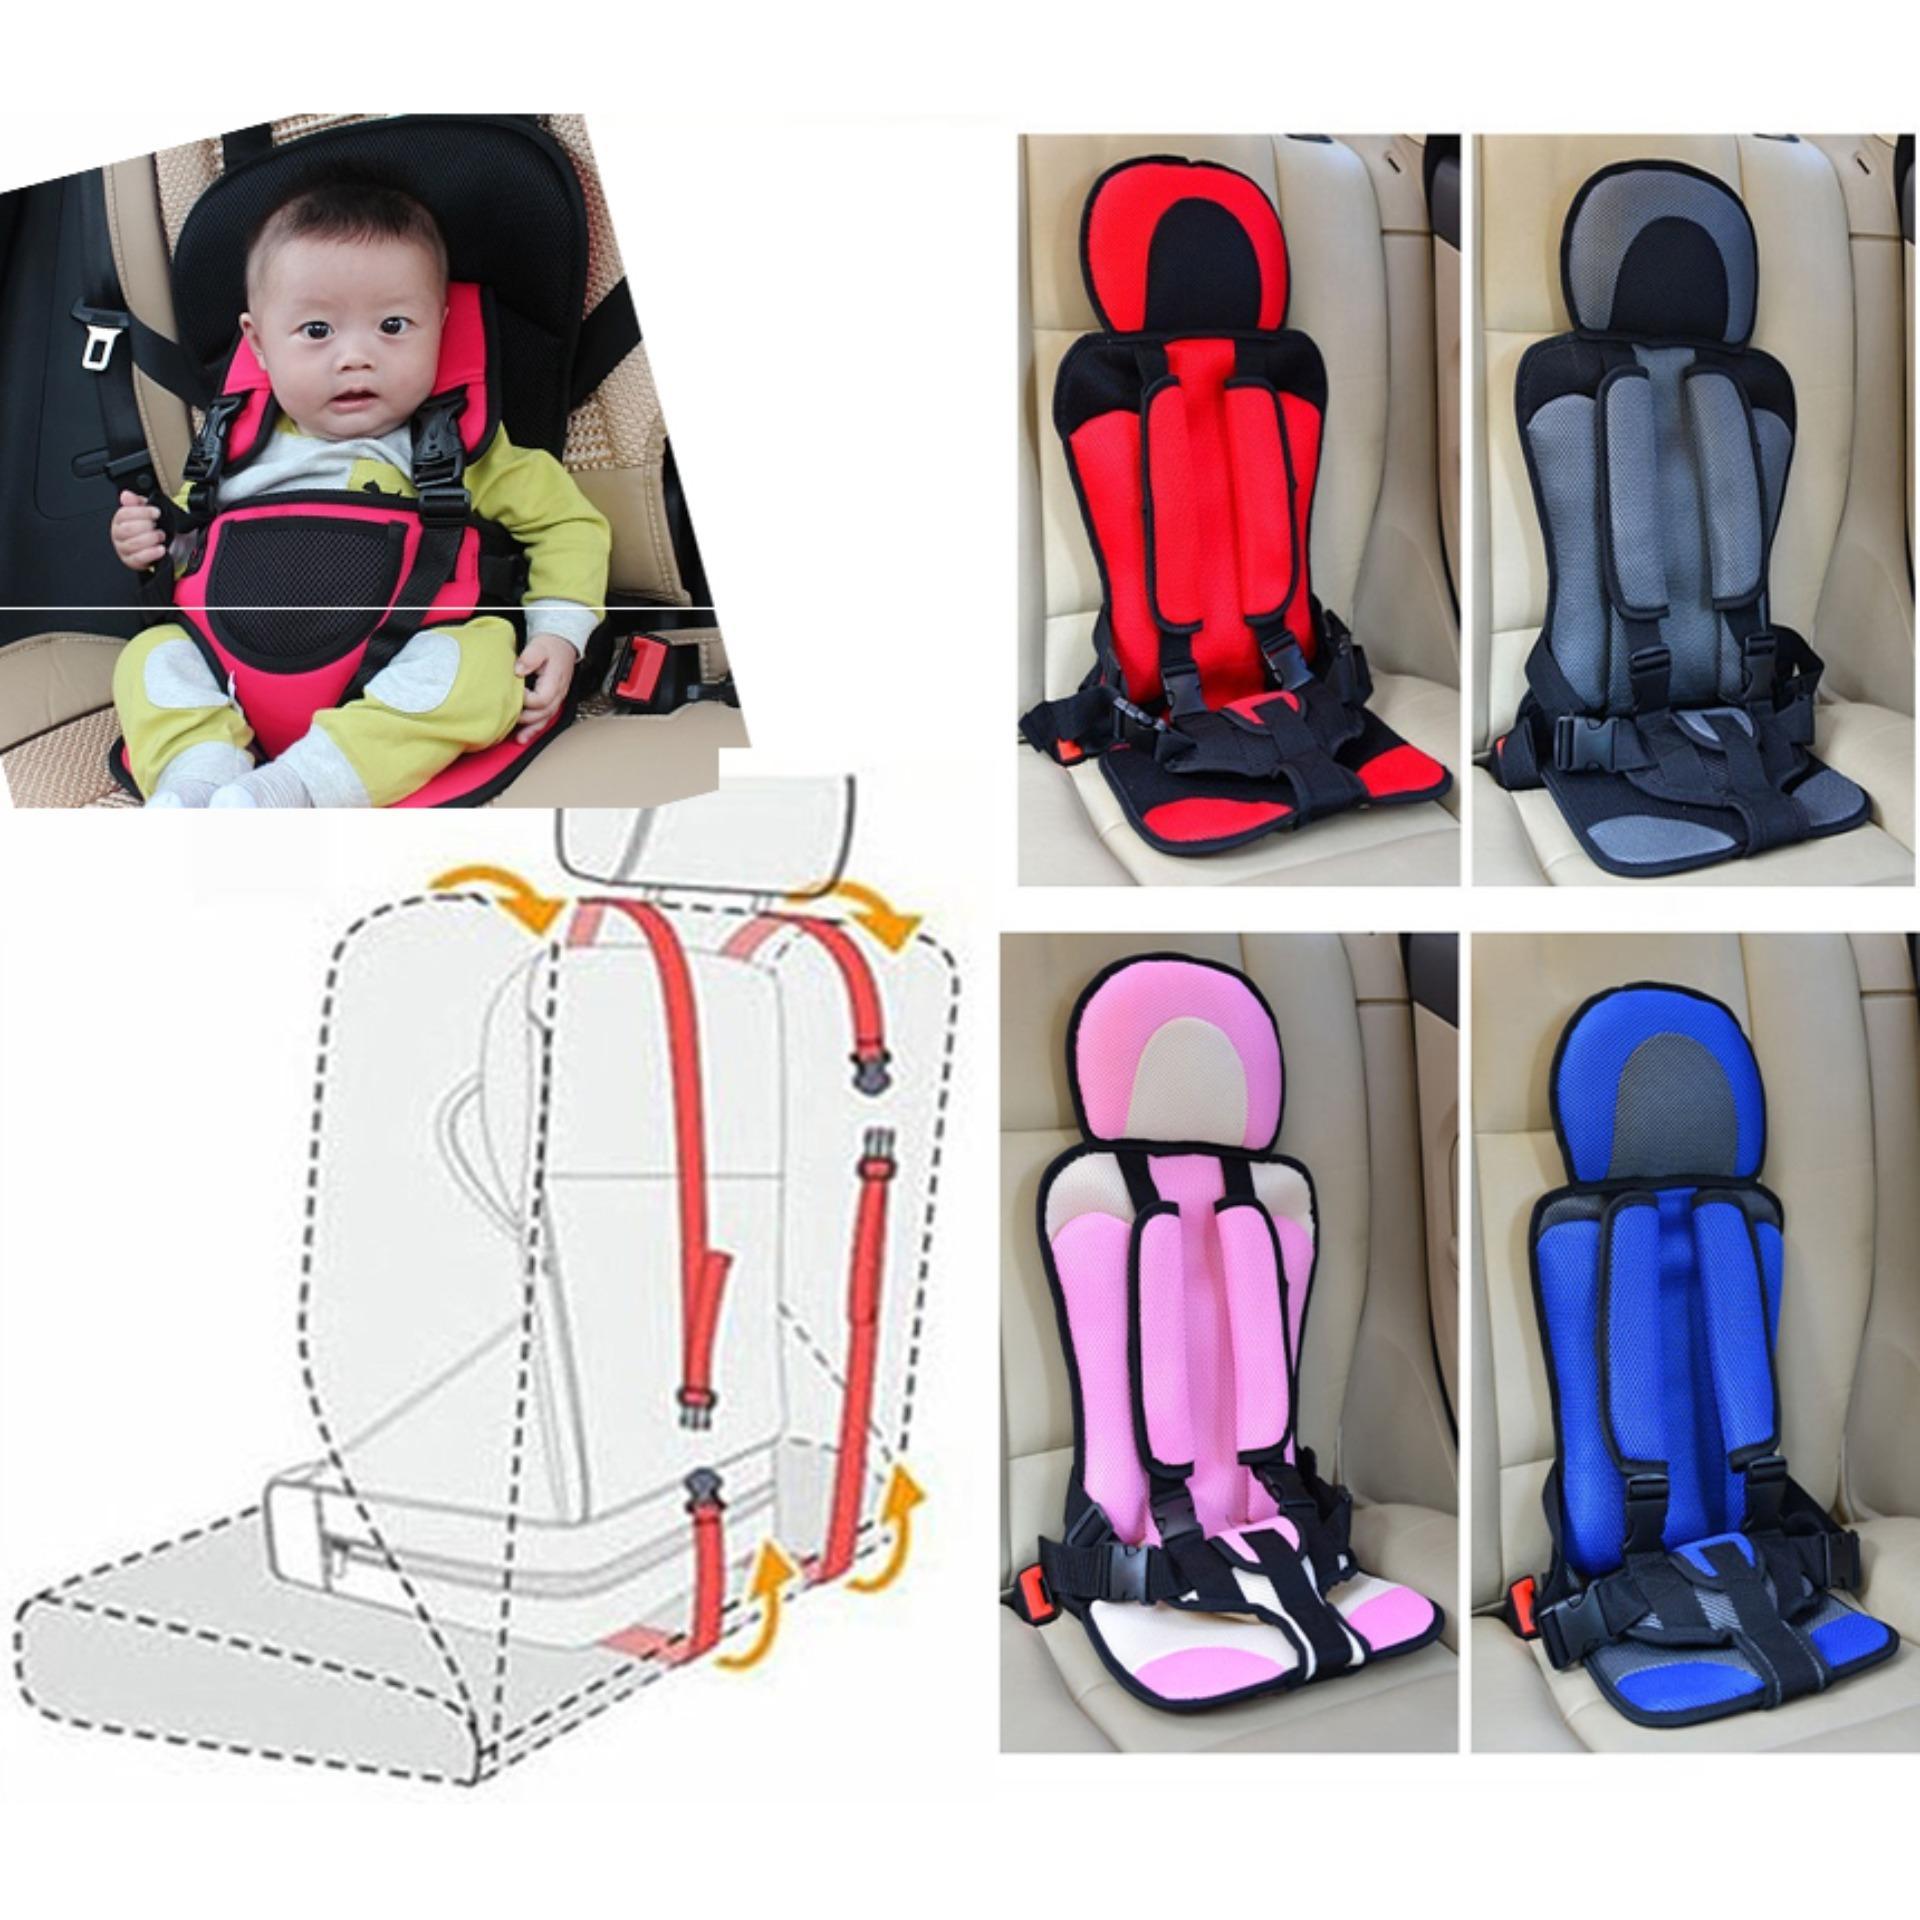 Ghế xe hơi cho bé sơ sinh - Chọn Ngay...